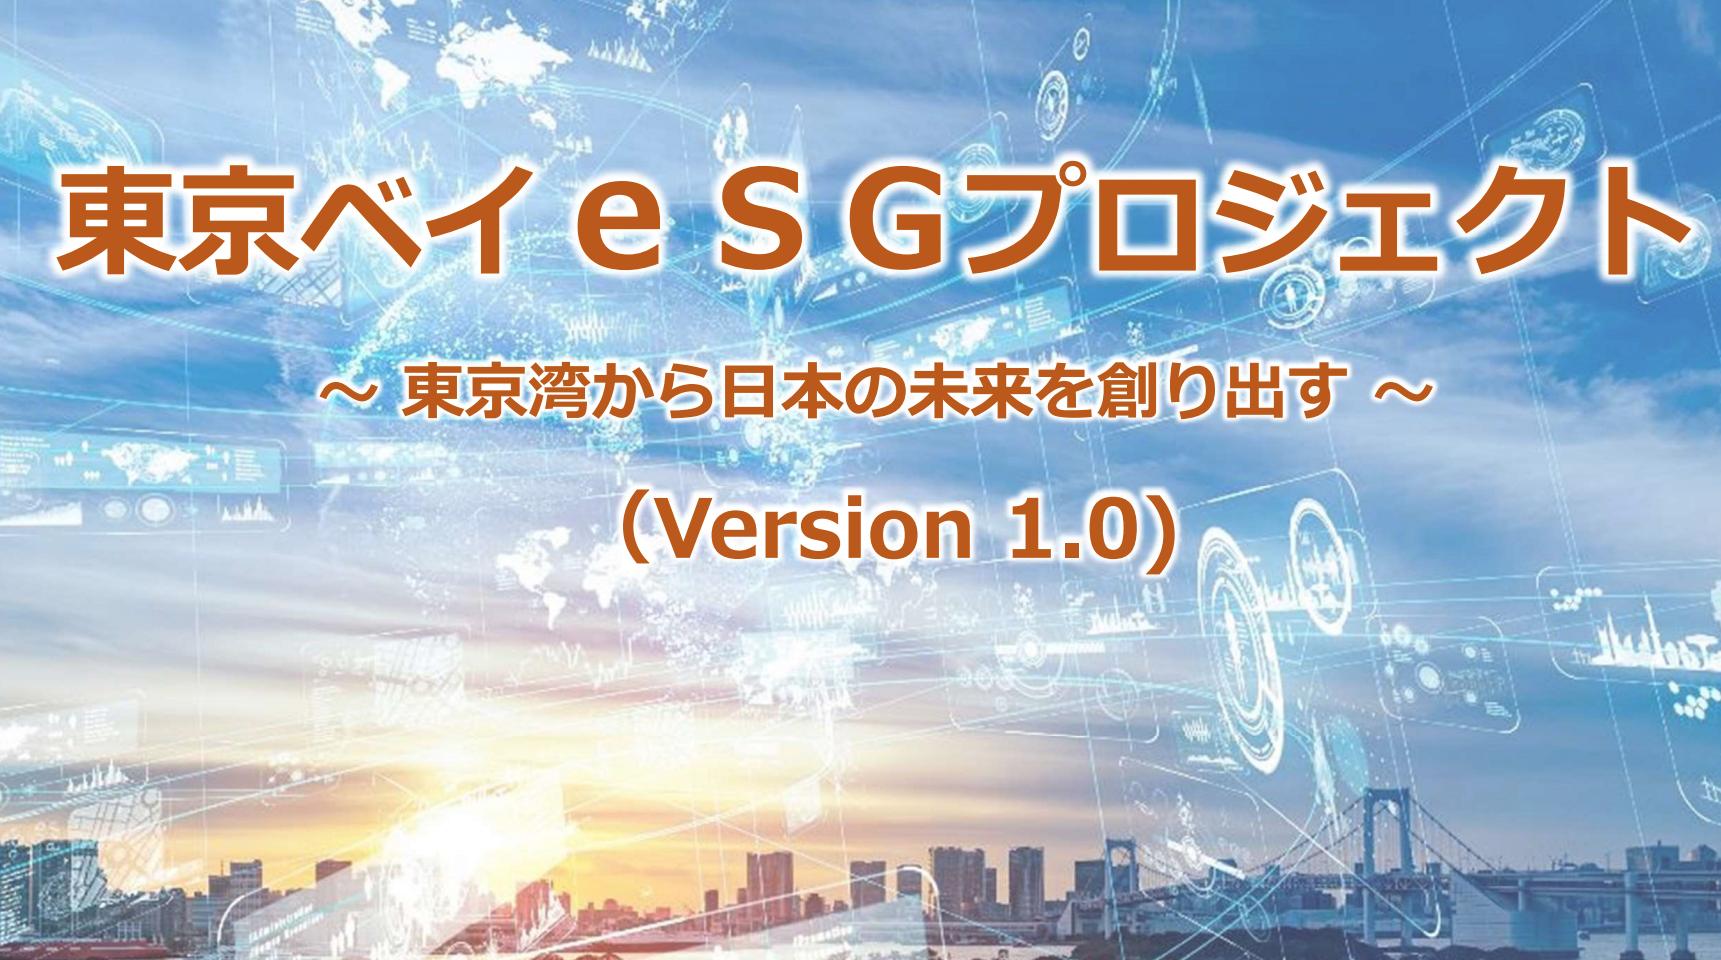 「東京ベイeSGプロジェクト」にシェアリングエコノミーが盛り込まれました